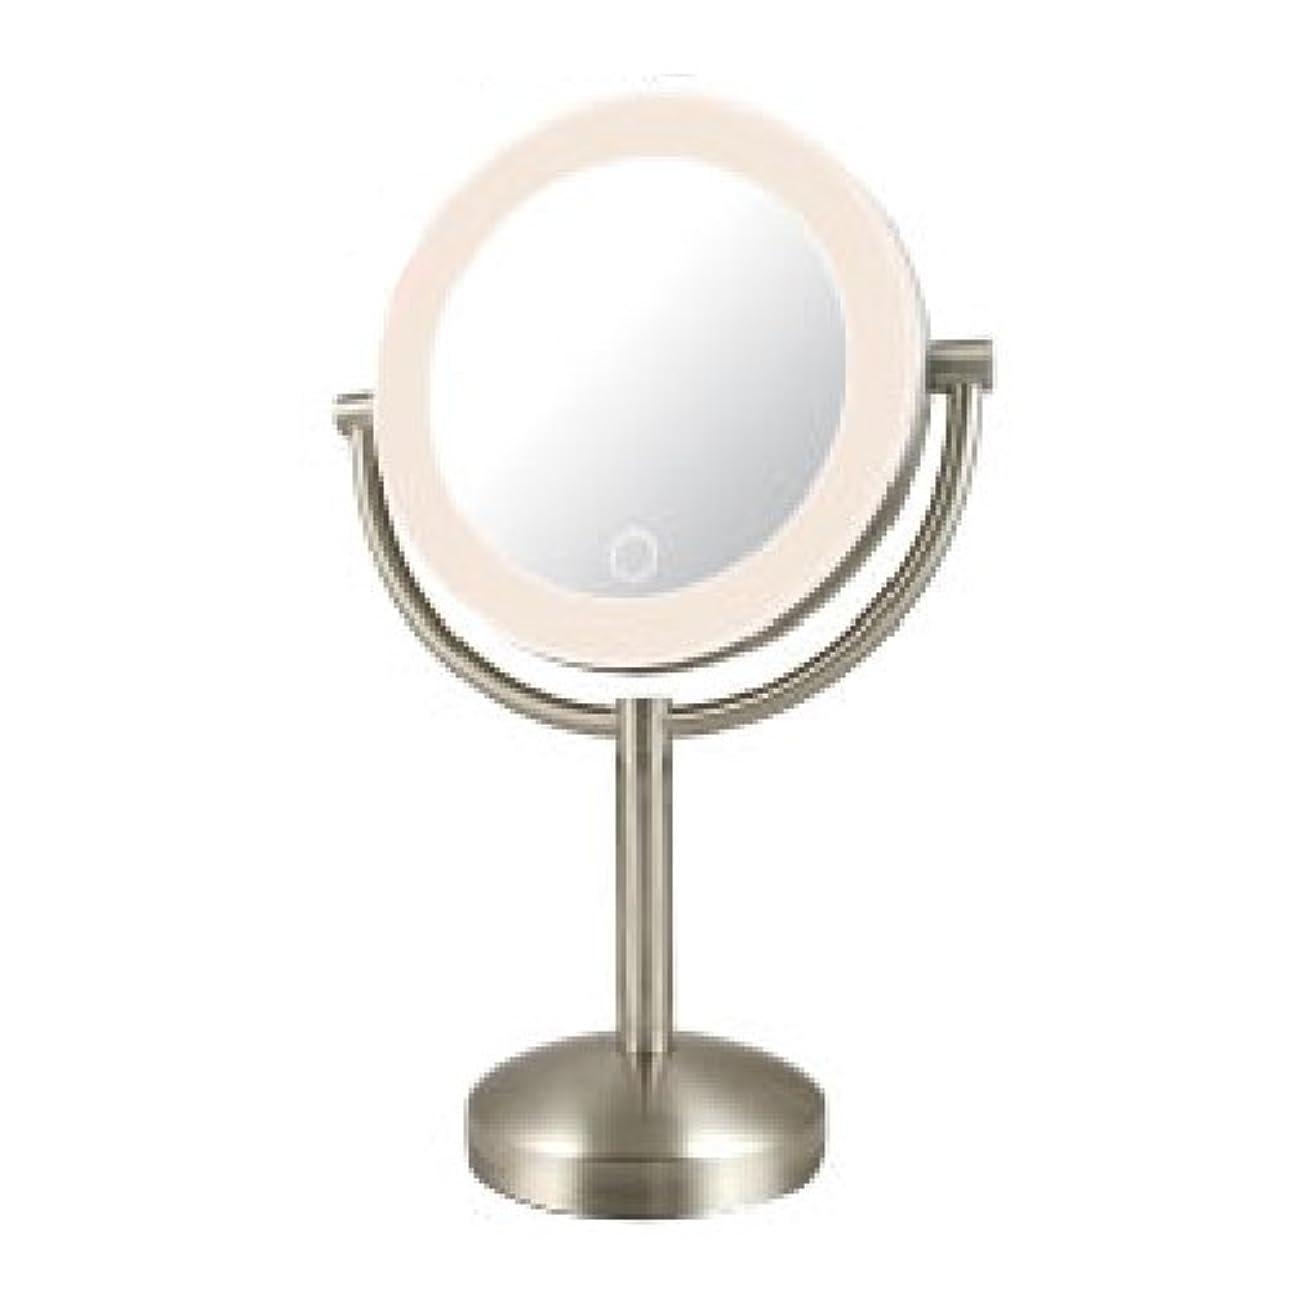 ニンニク優遇超越する真実の鏡Luxe 両面ビッグ型 EC012LXAC-5X